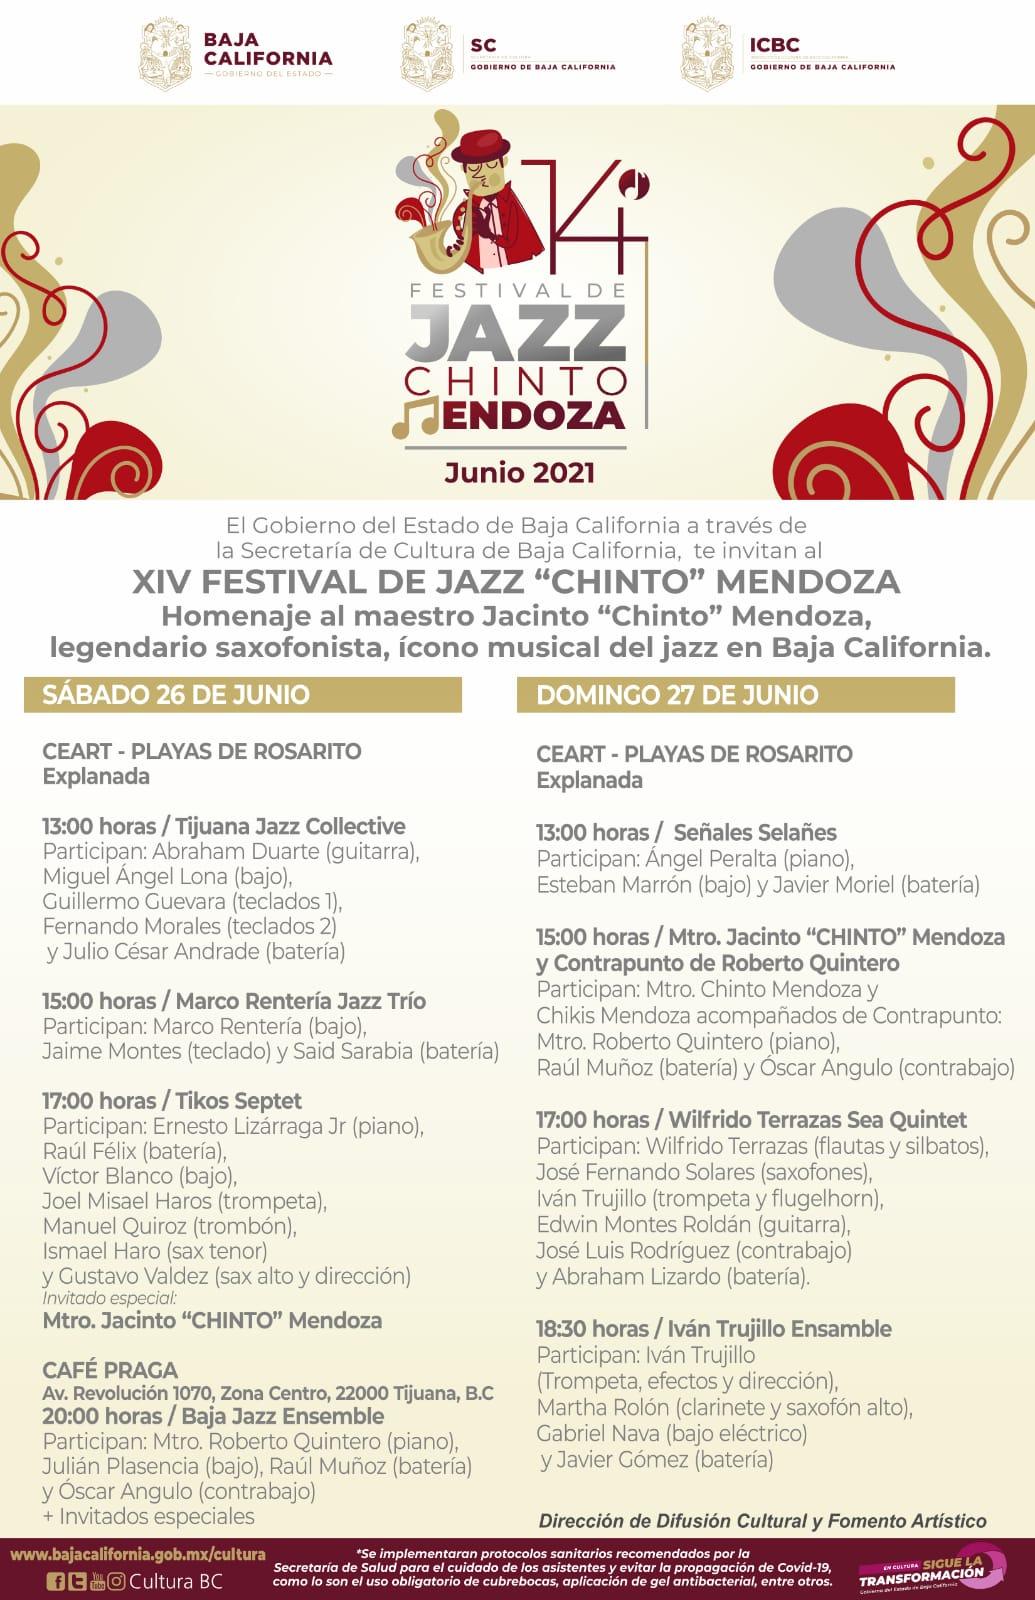 Realizará la Secretaría de Cultura de BC el Festival de Jazz Chinto Mendoza en Playas de Rosarito